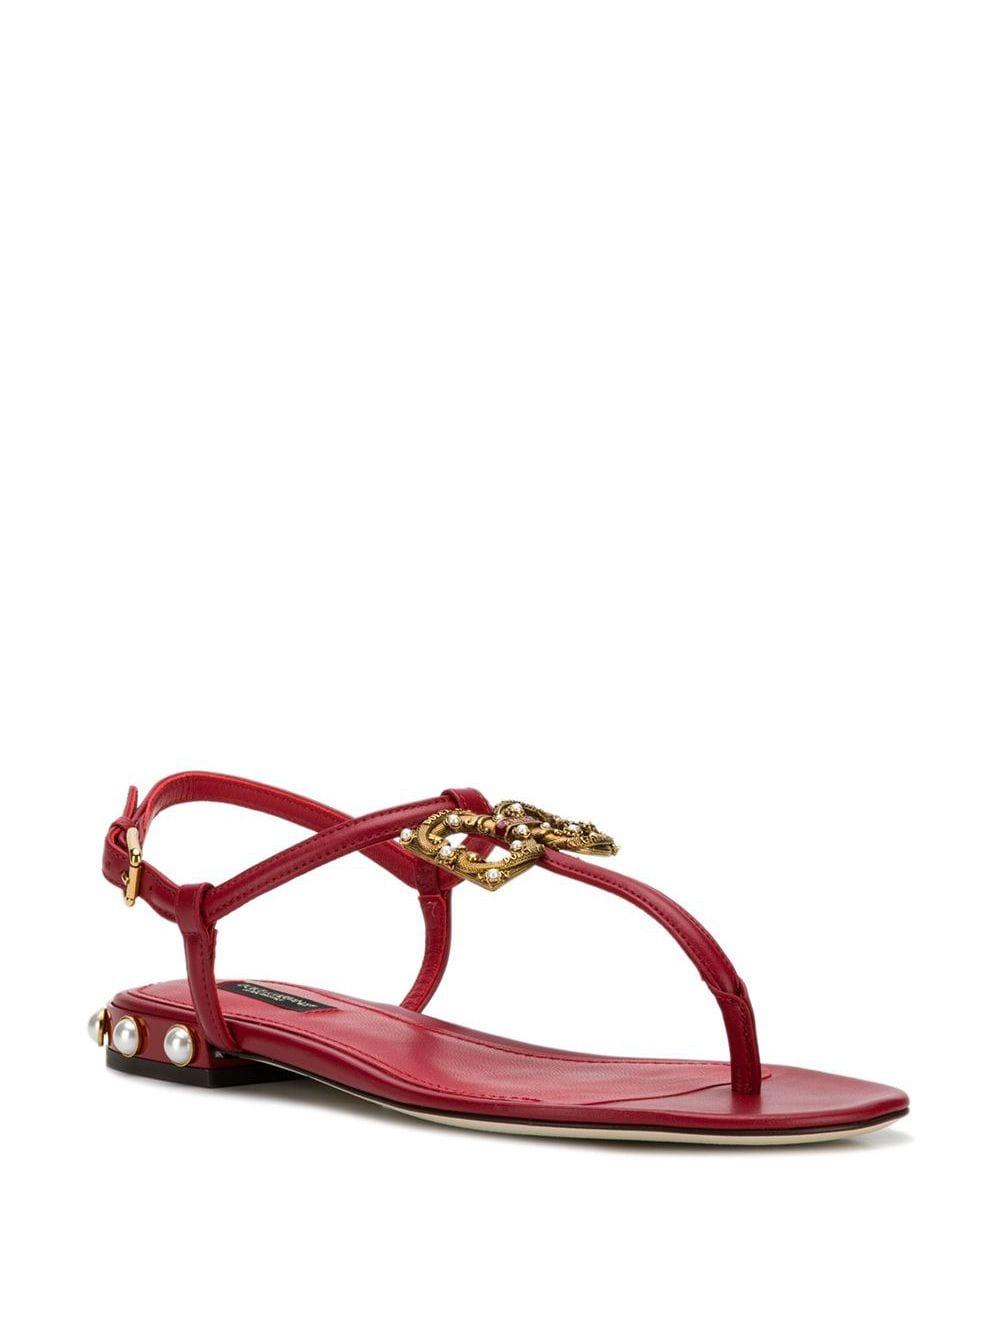 sandalo ad infradito in pelle rossa con logo DG in metallo dorato e perline sul tacchetto DOLCE & GABBANA | Scarpa | CQ0241-AI57387124